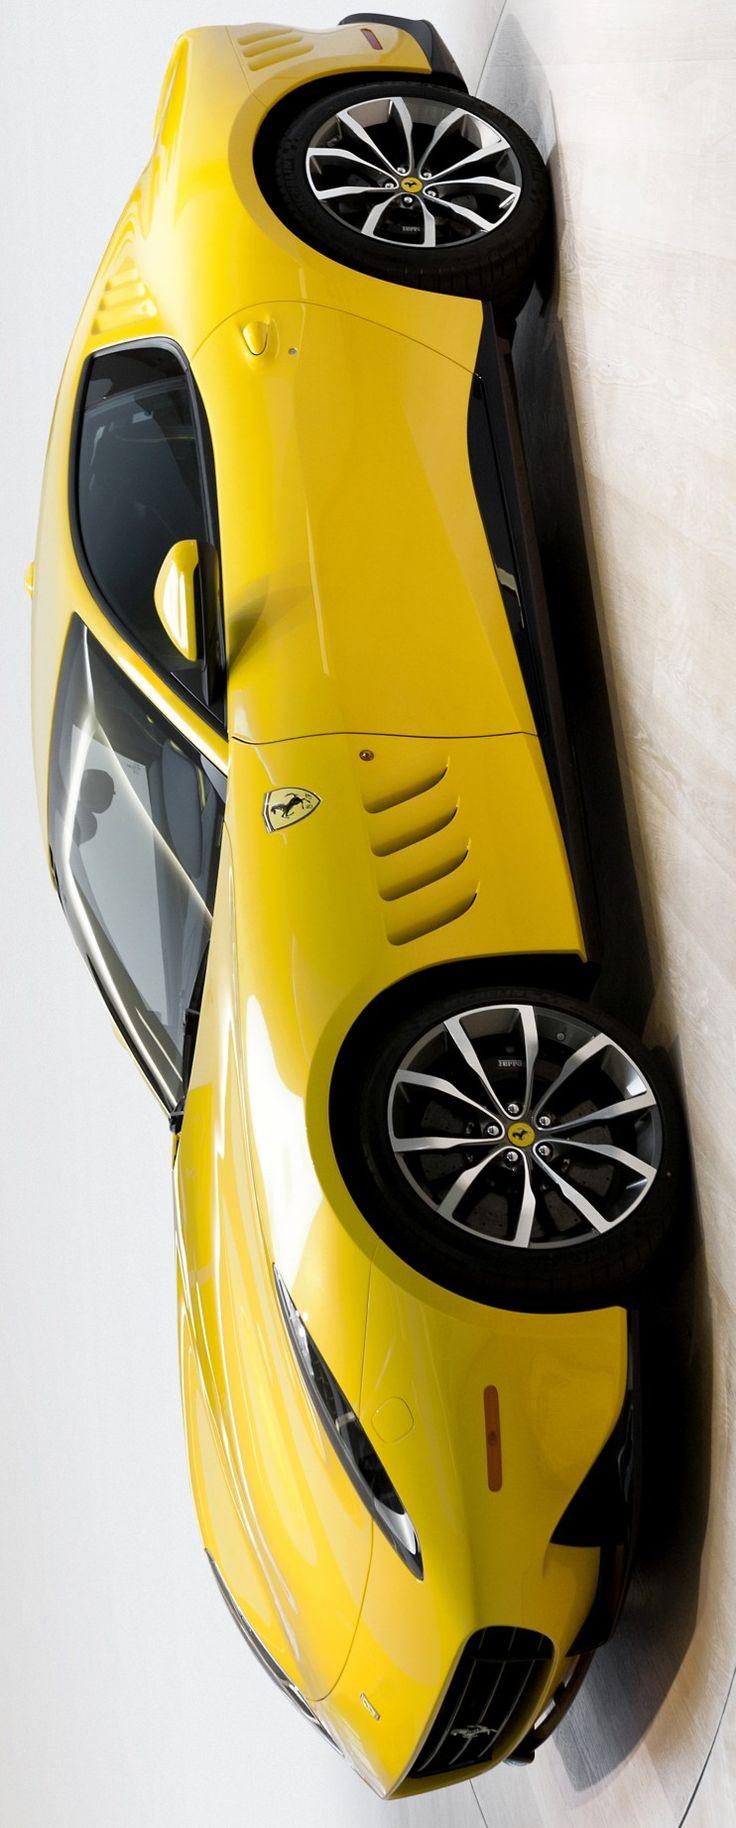 2016 Ferrari SR 275 rw Competizione by Levon